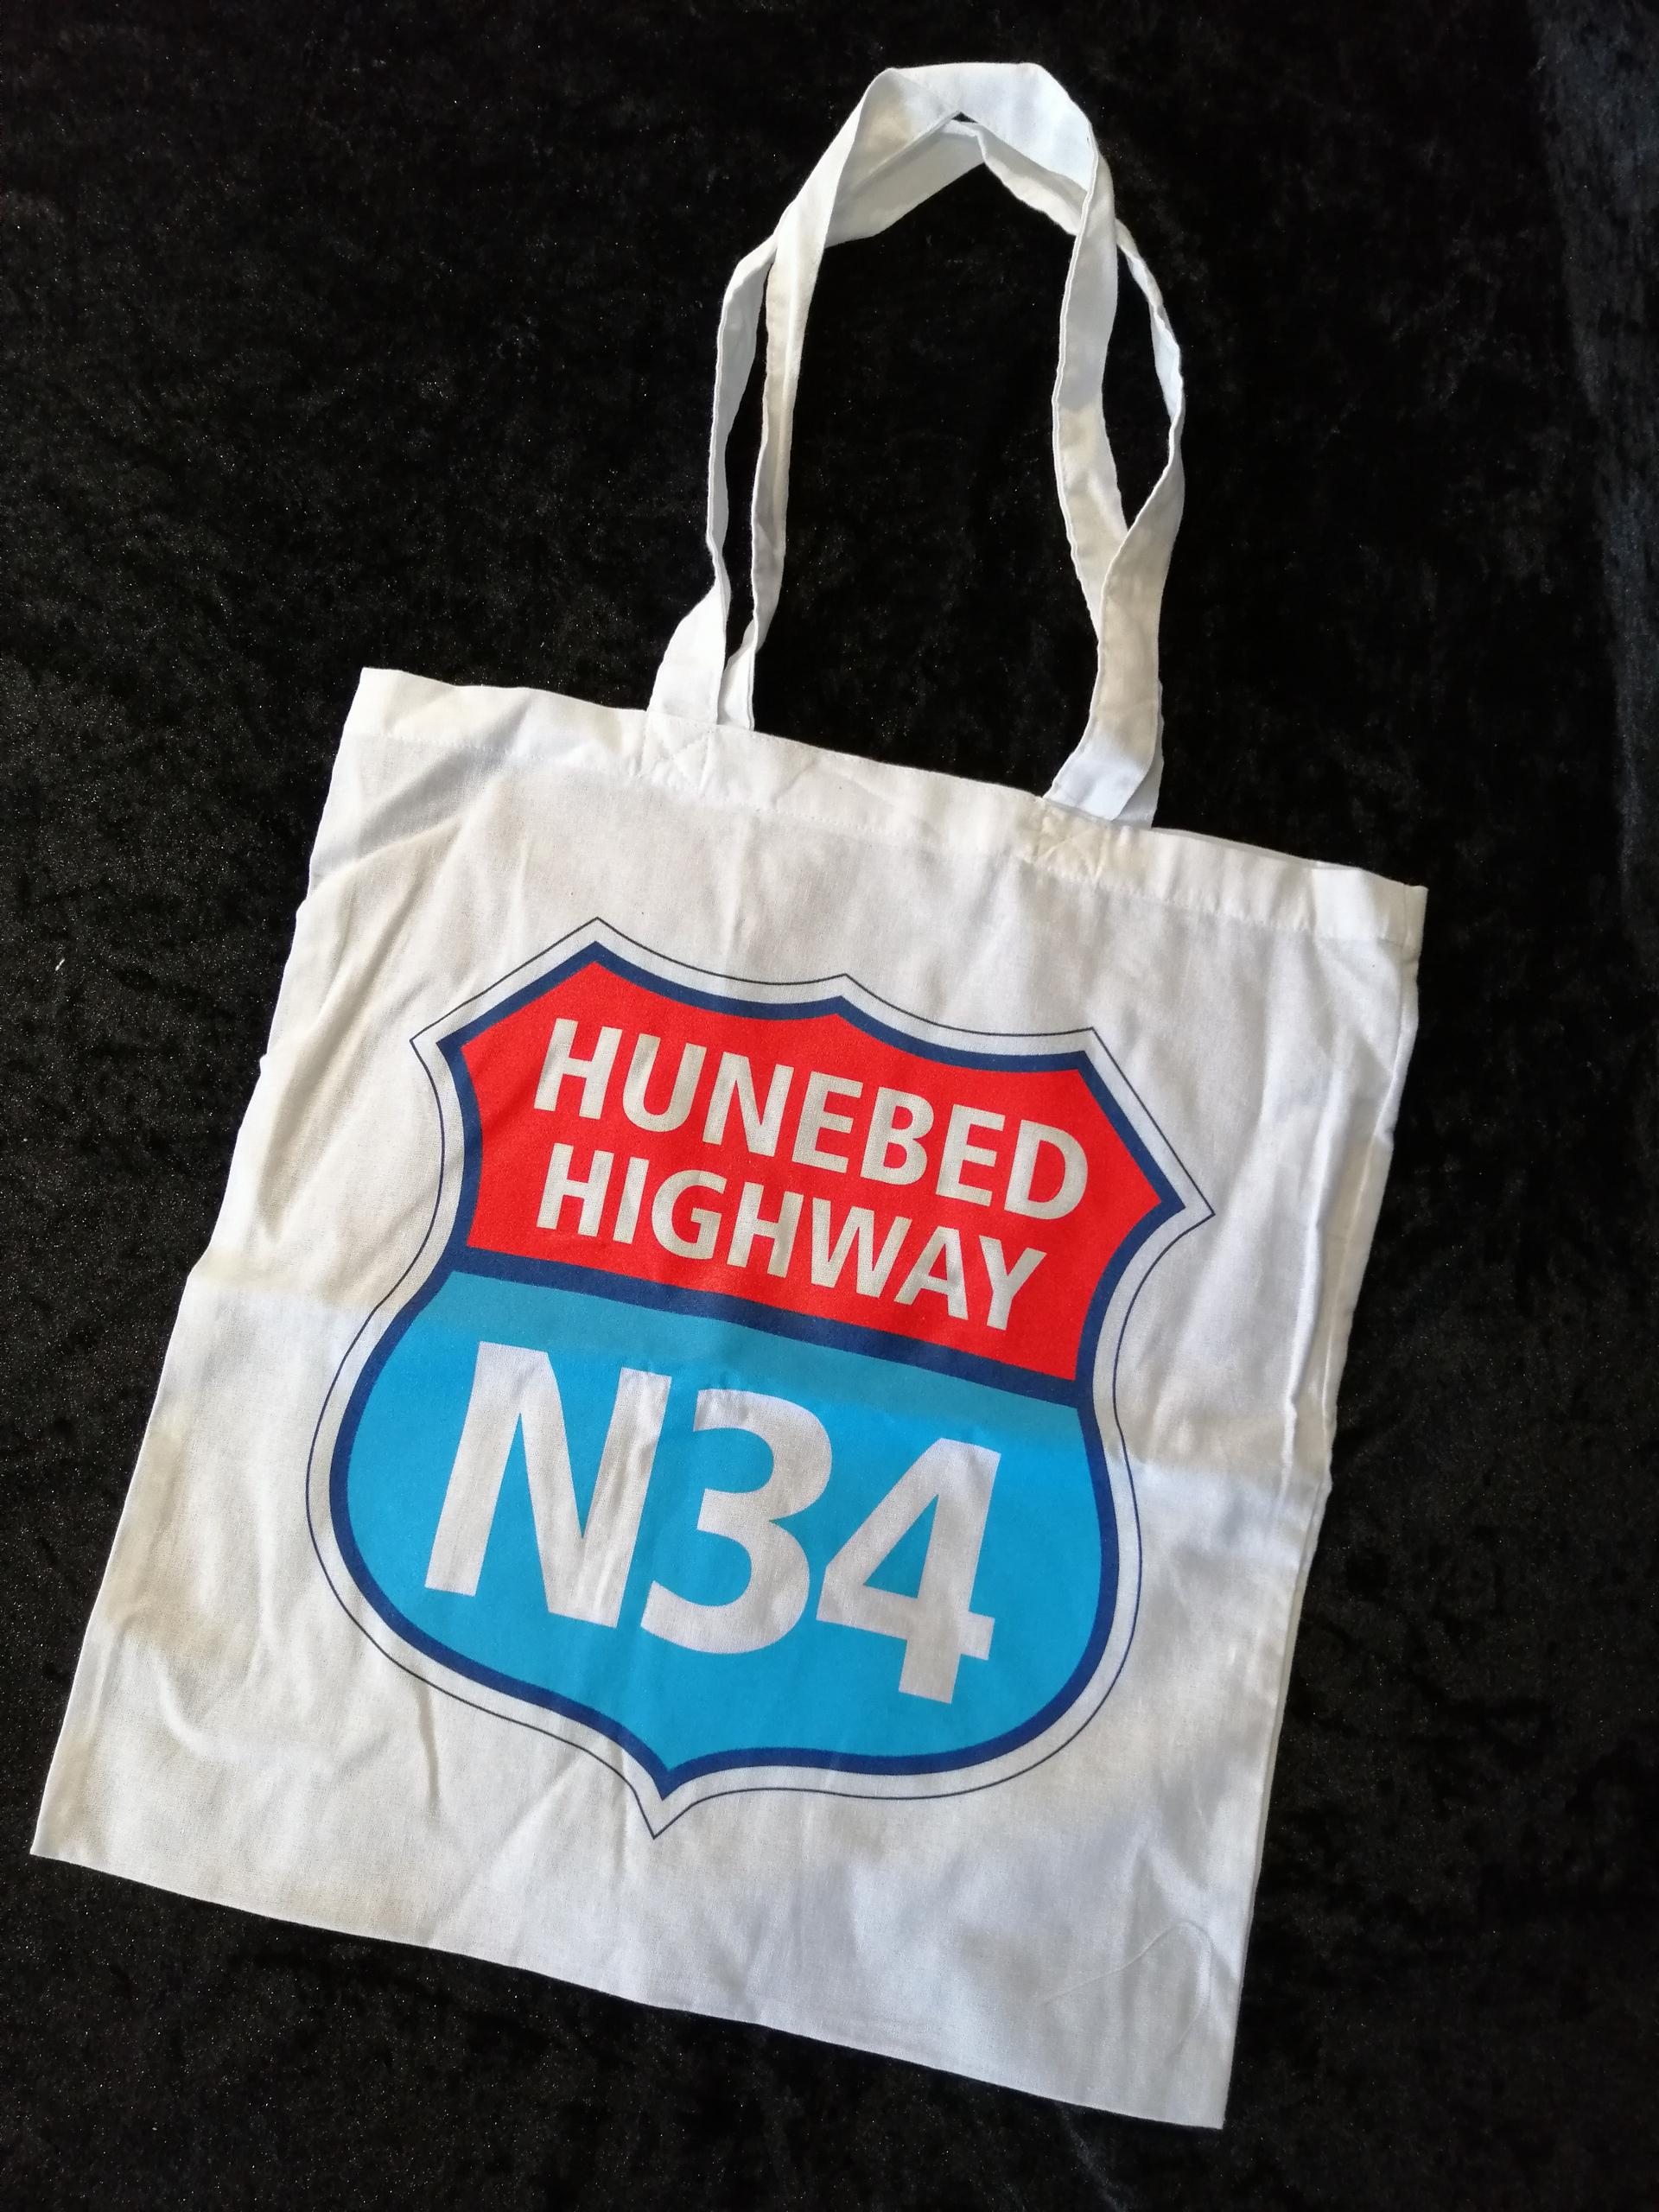 Hunebed Highway draagtas